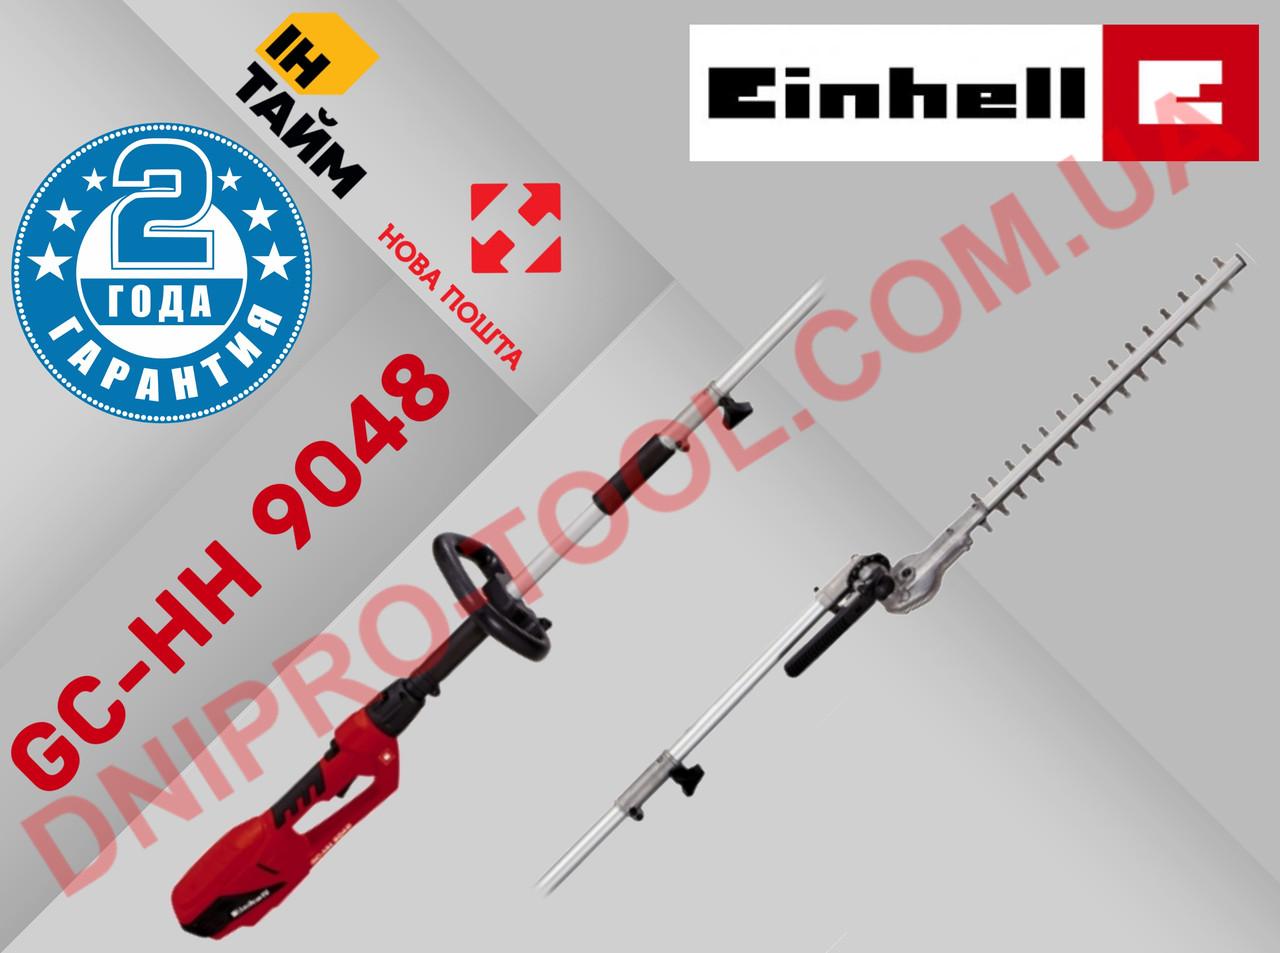 Кусторез электрический телескопический Einhell GC-HH 9048